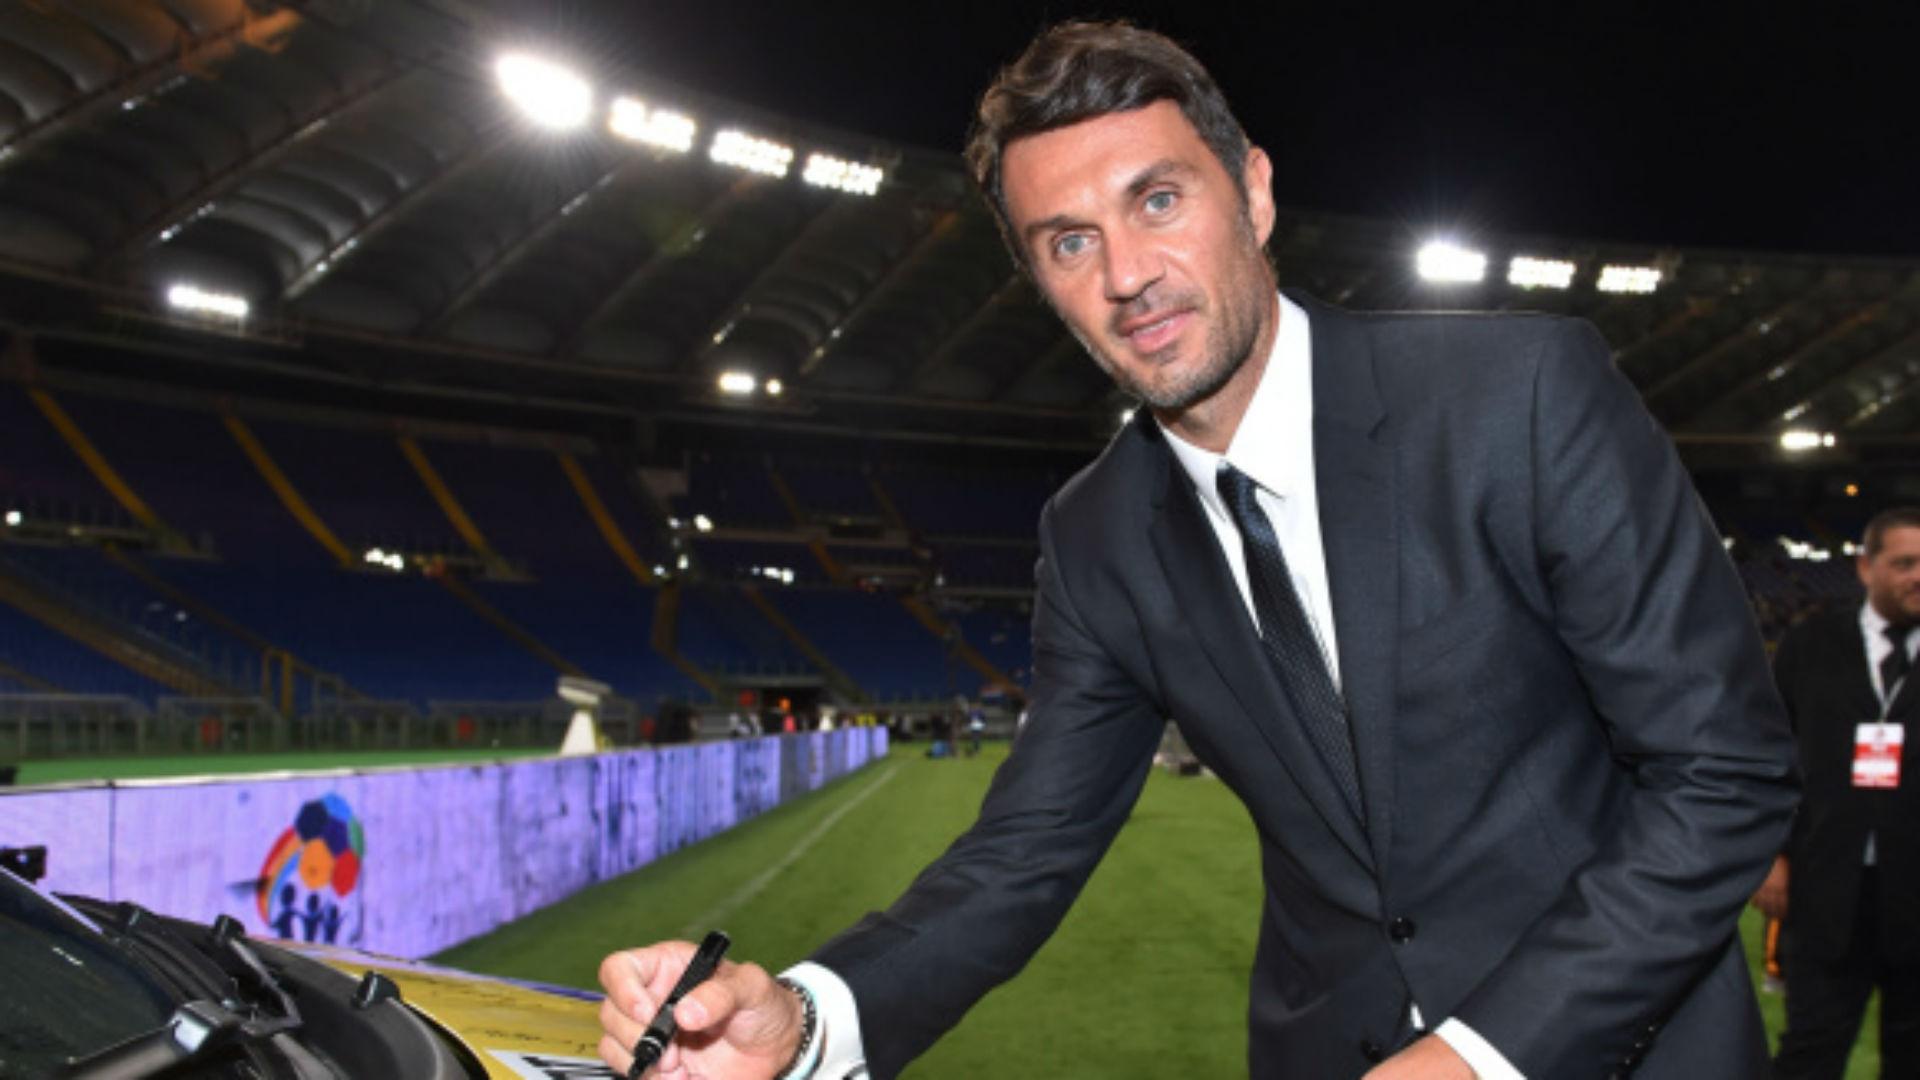 Maldini-Milan: Fassone pronto a offrirgli il ruolo di direttore generale